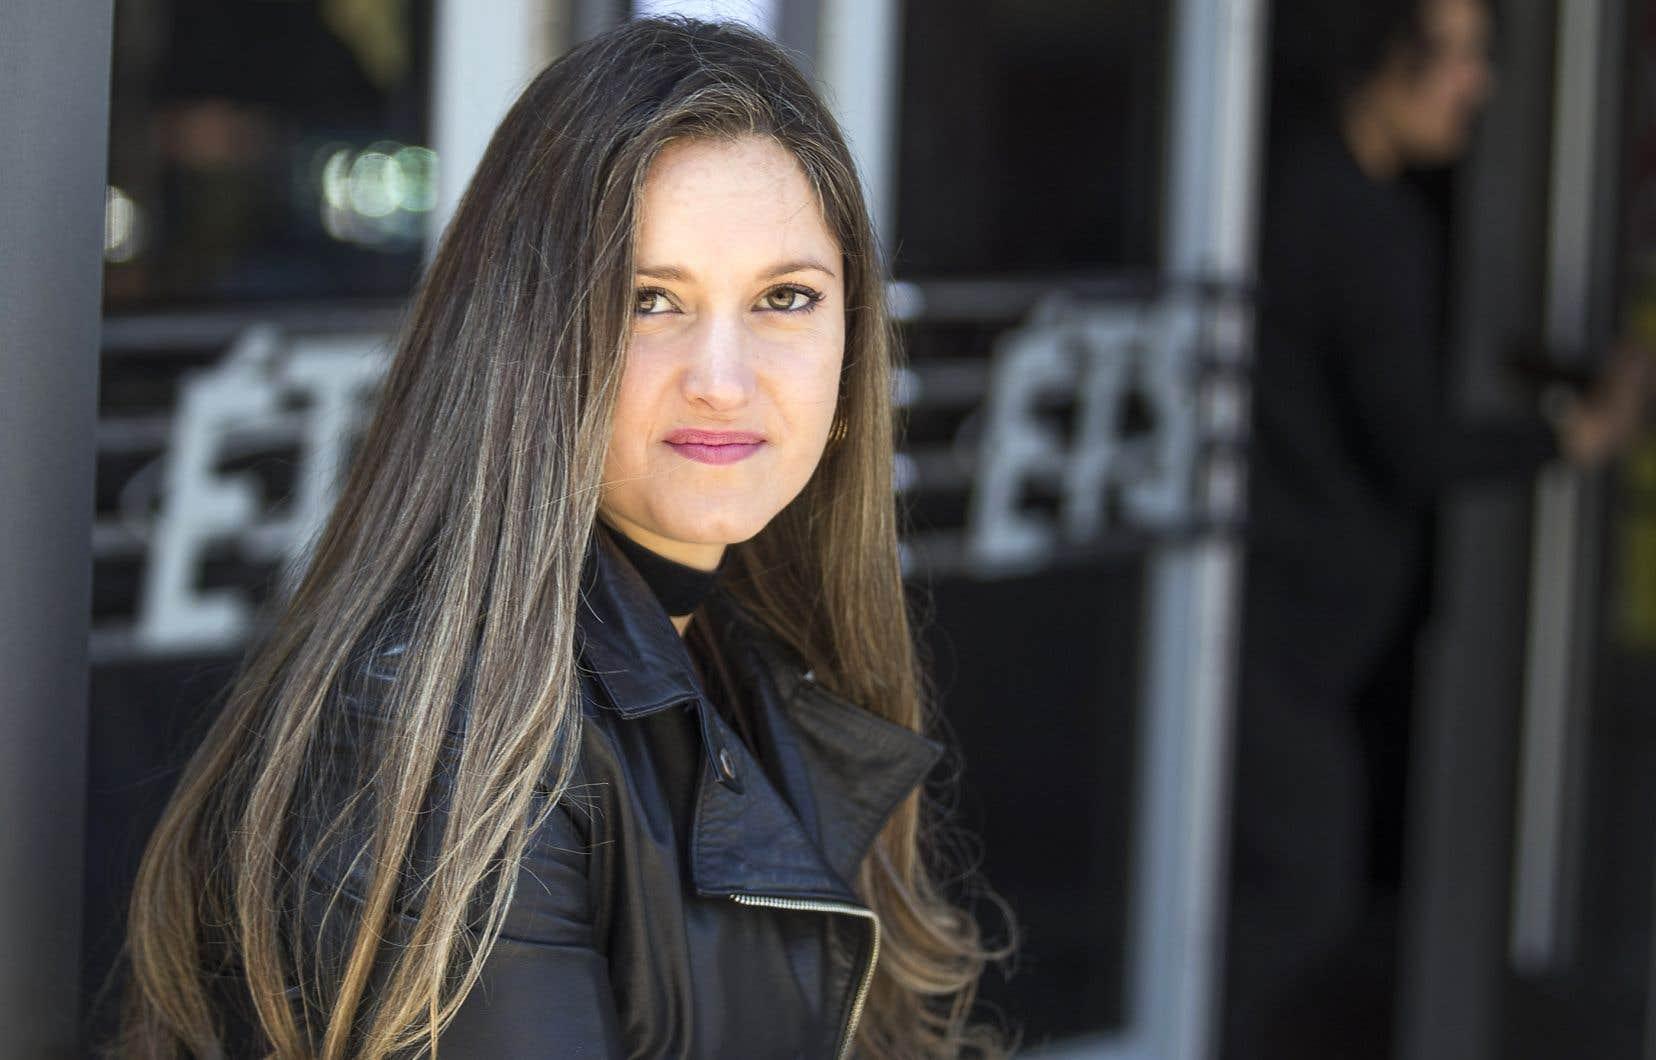 Kimberley Marin s'était adressée à la Commission des droits de la personne après l'outrage qu'elle avait subi alors qu'elle était étudiante.